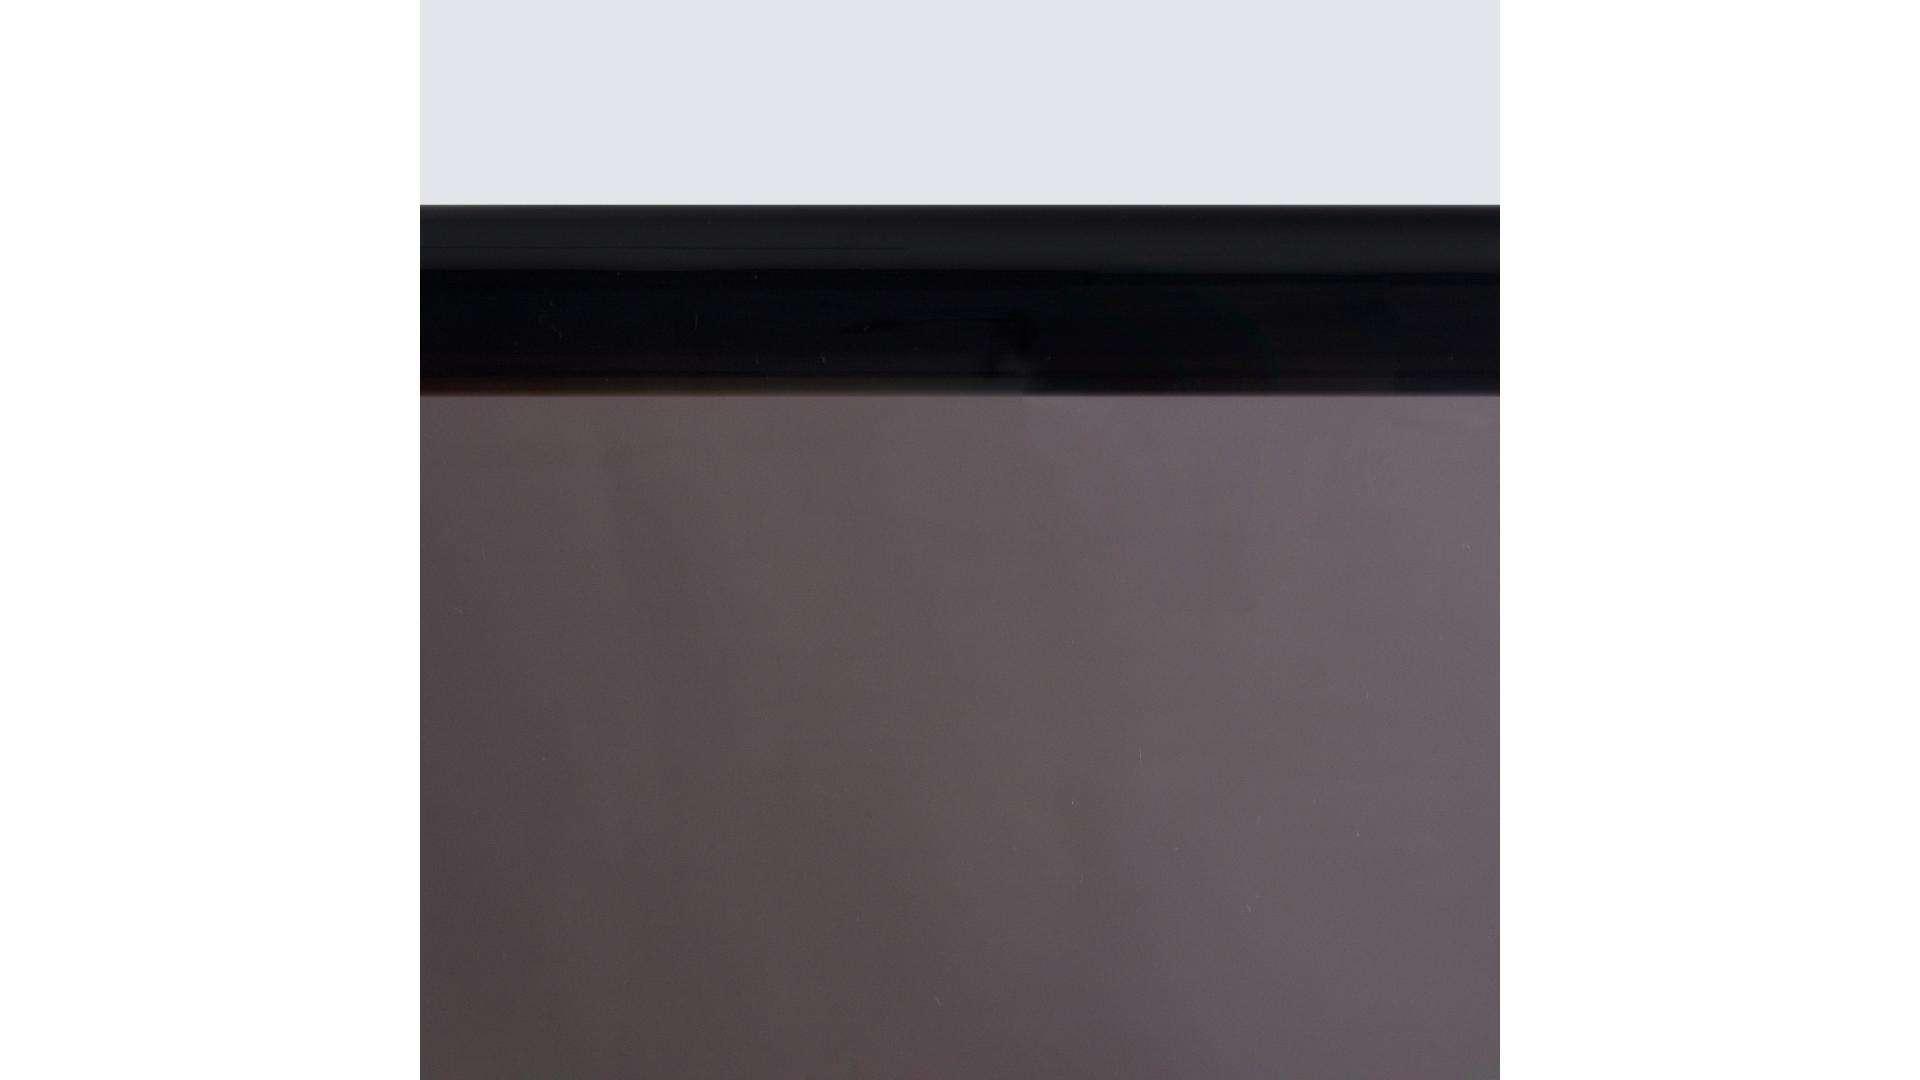 4CARS Fólie na okná Black 0,75x3m Propustnost světla 25%